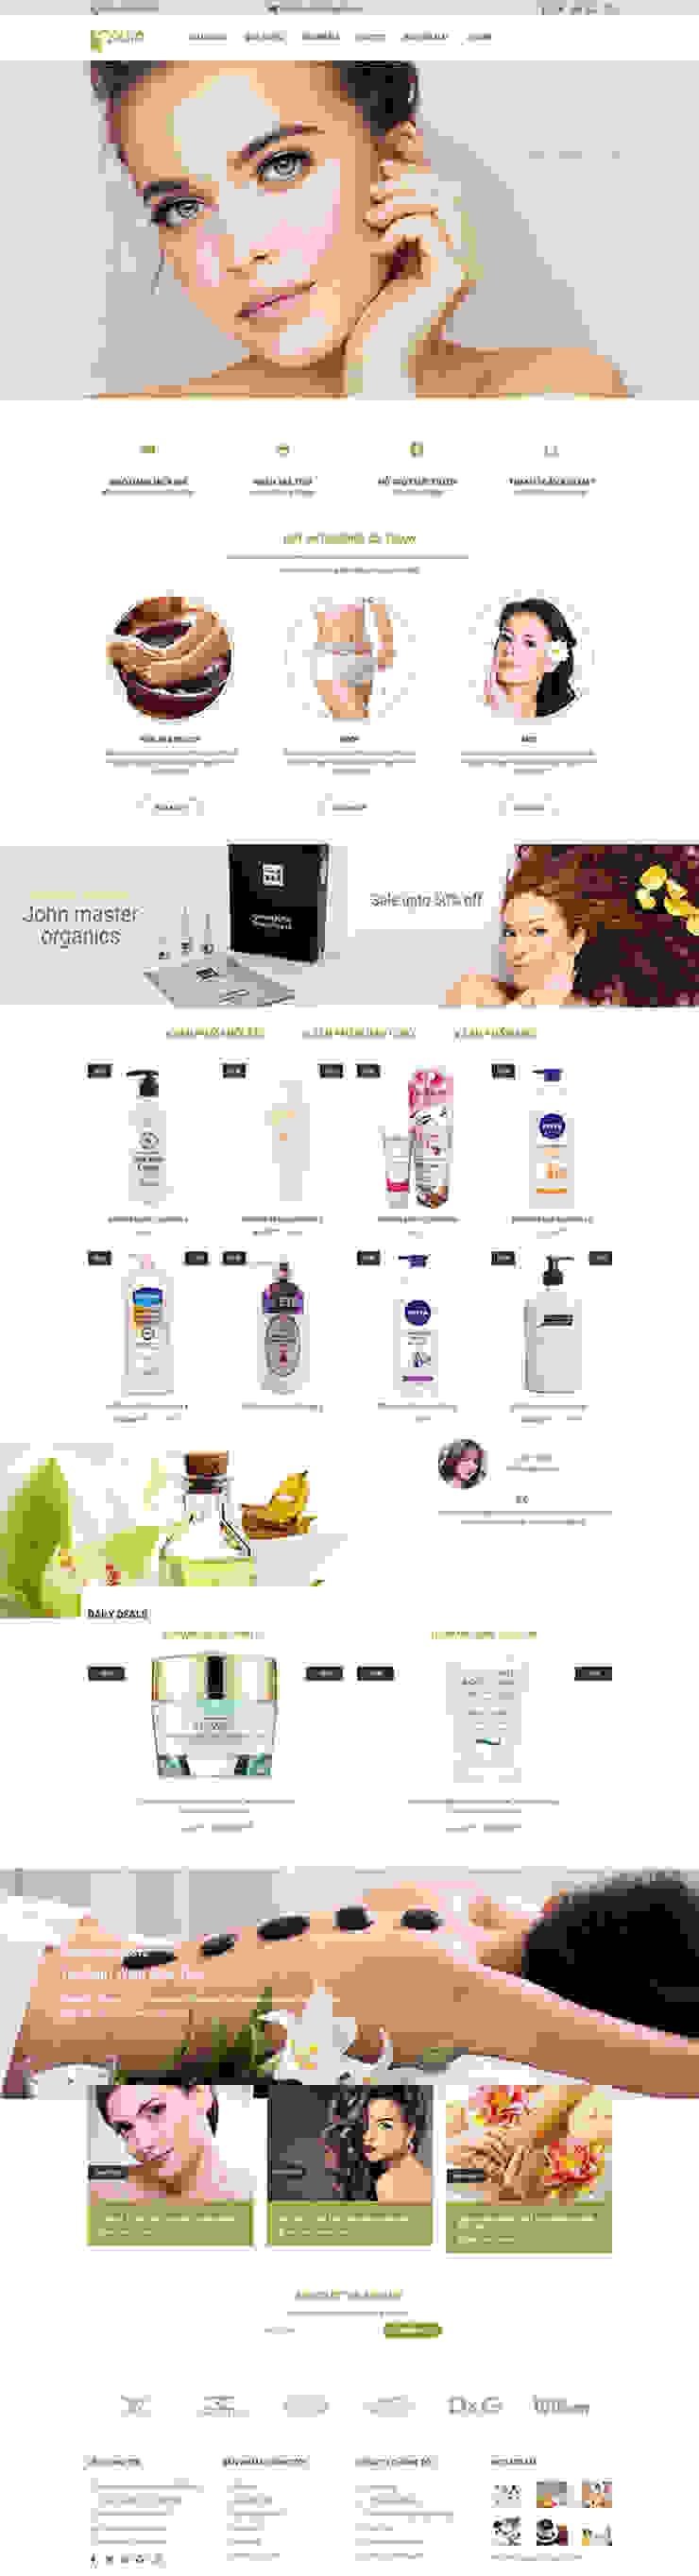 Mẩu website bán hàng mẩu 001 bởi CÔNG TY TNHH CÔNG NGHỆ OPTECH